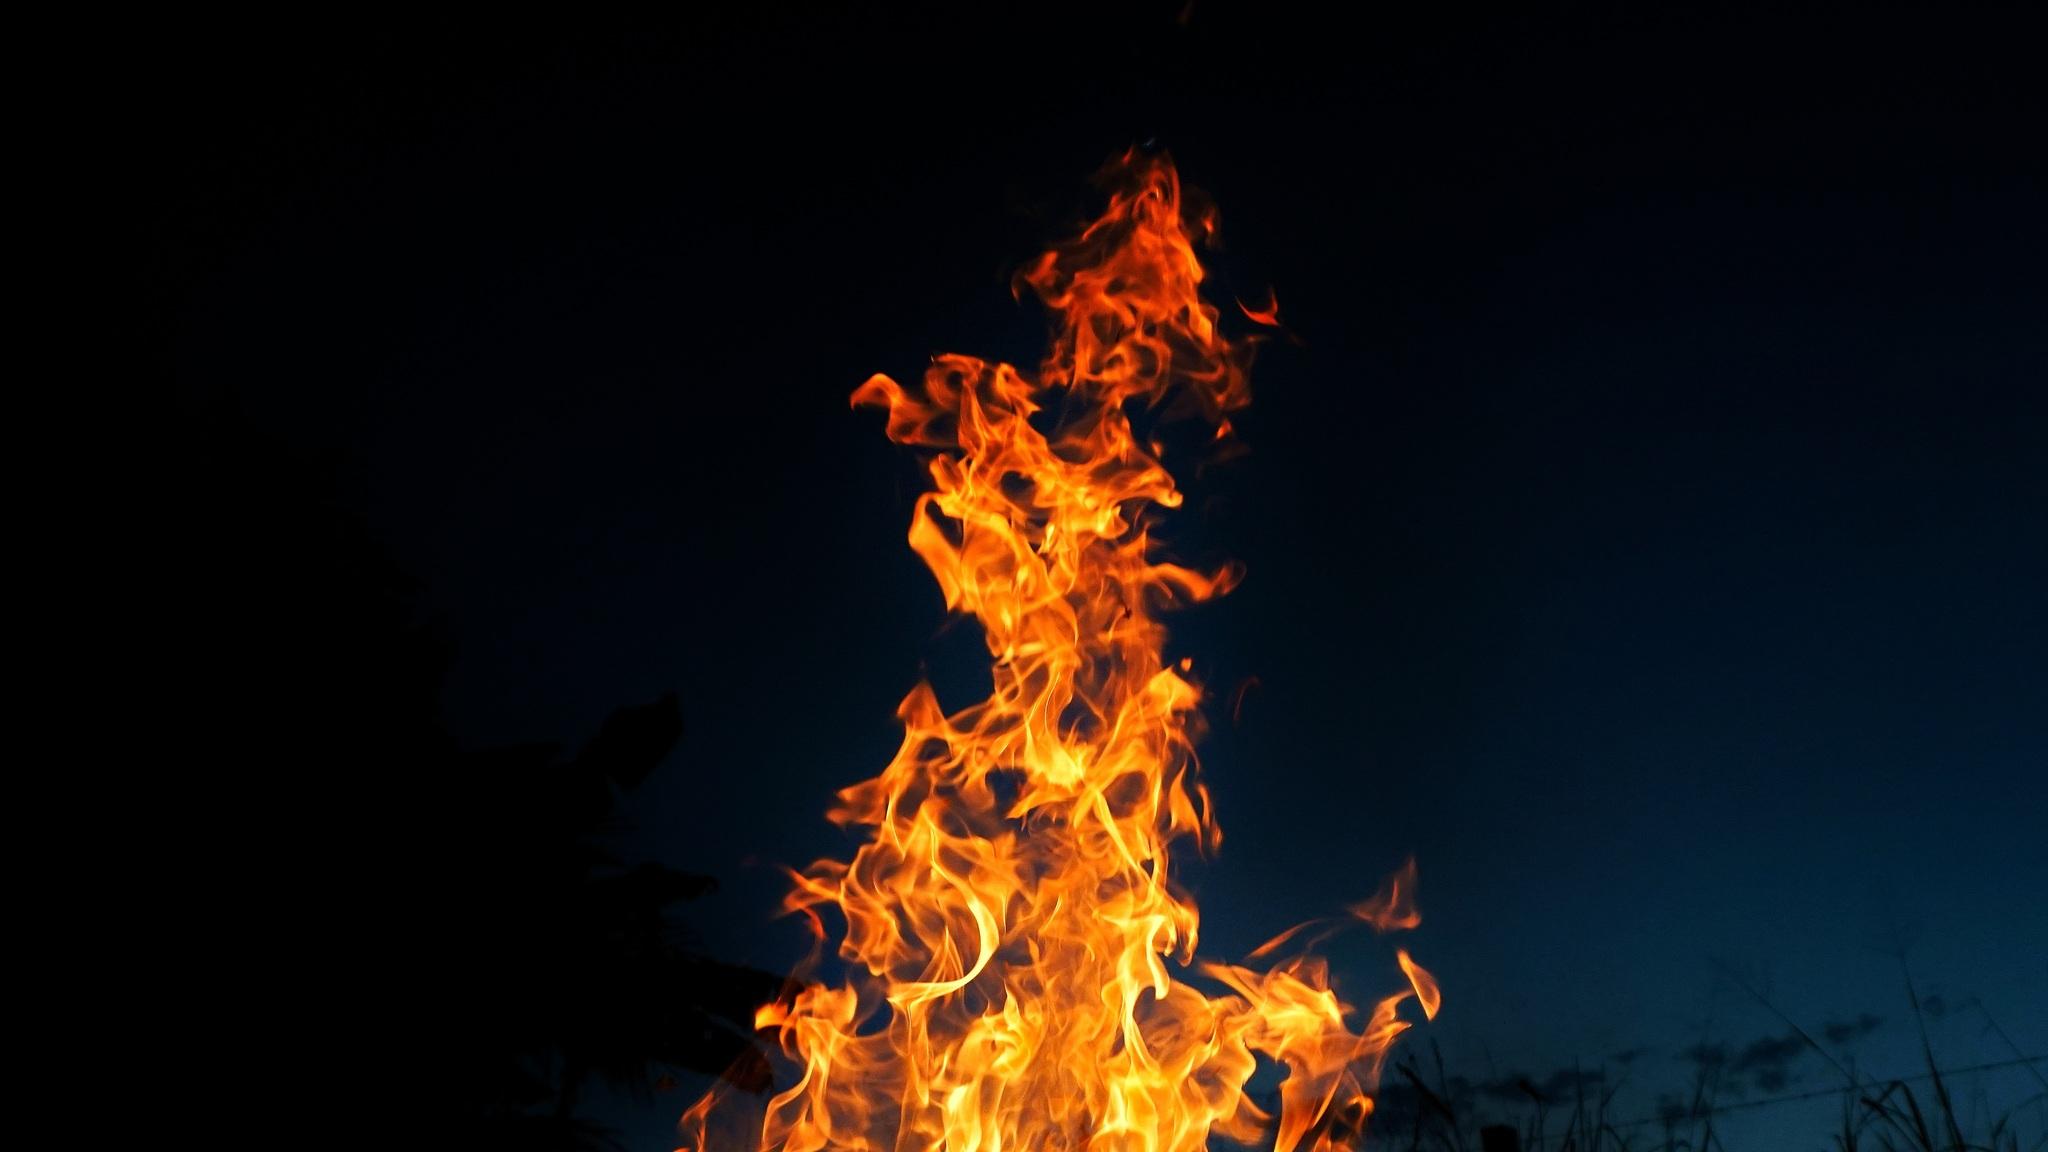 2048x1152 wallpaper free fire: 2048x1152 Fire Burning 2048x1152 Resolution HD 4k